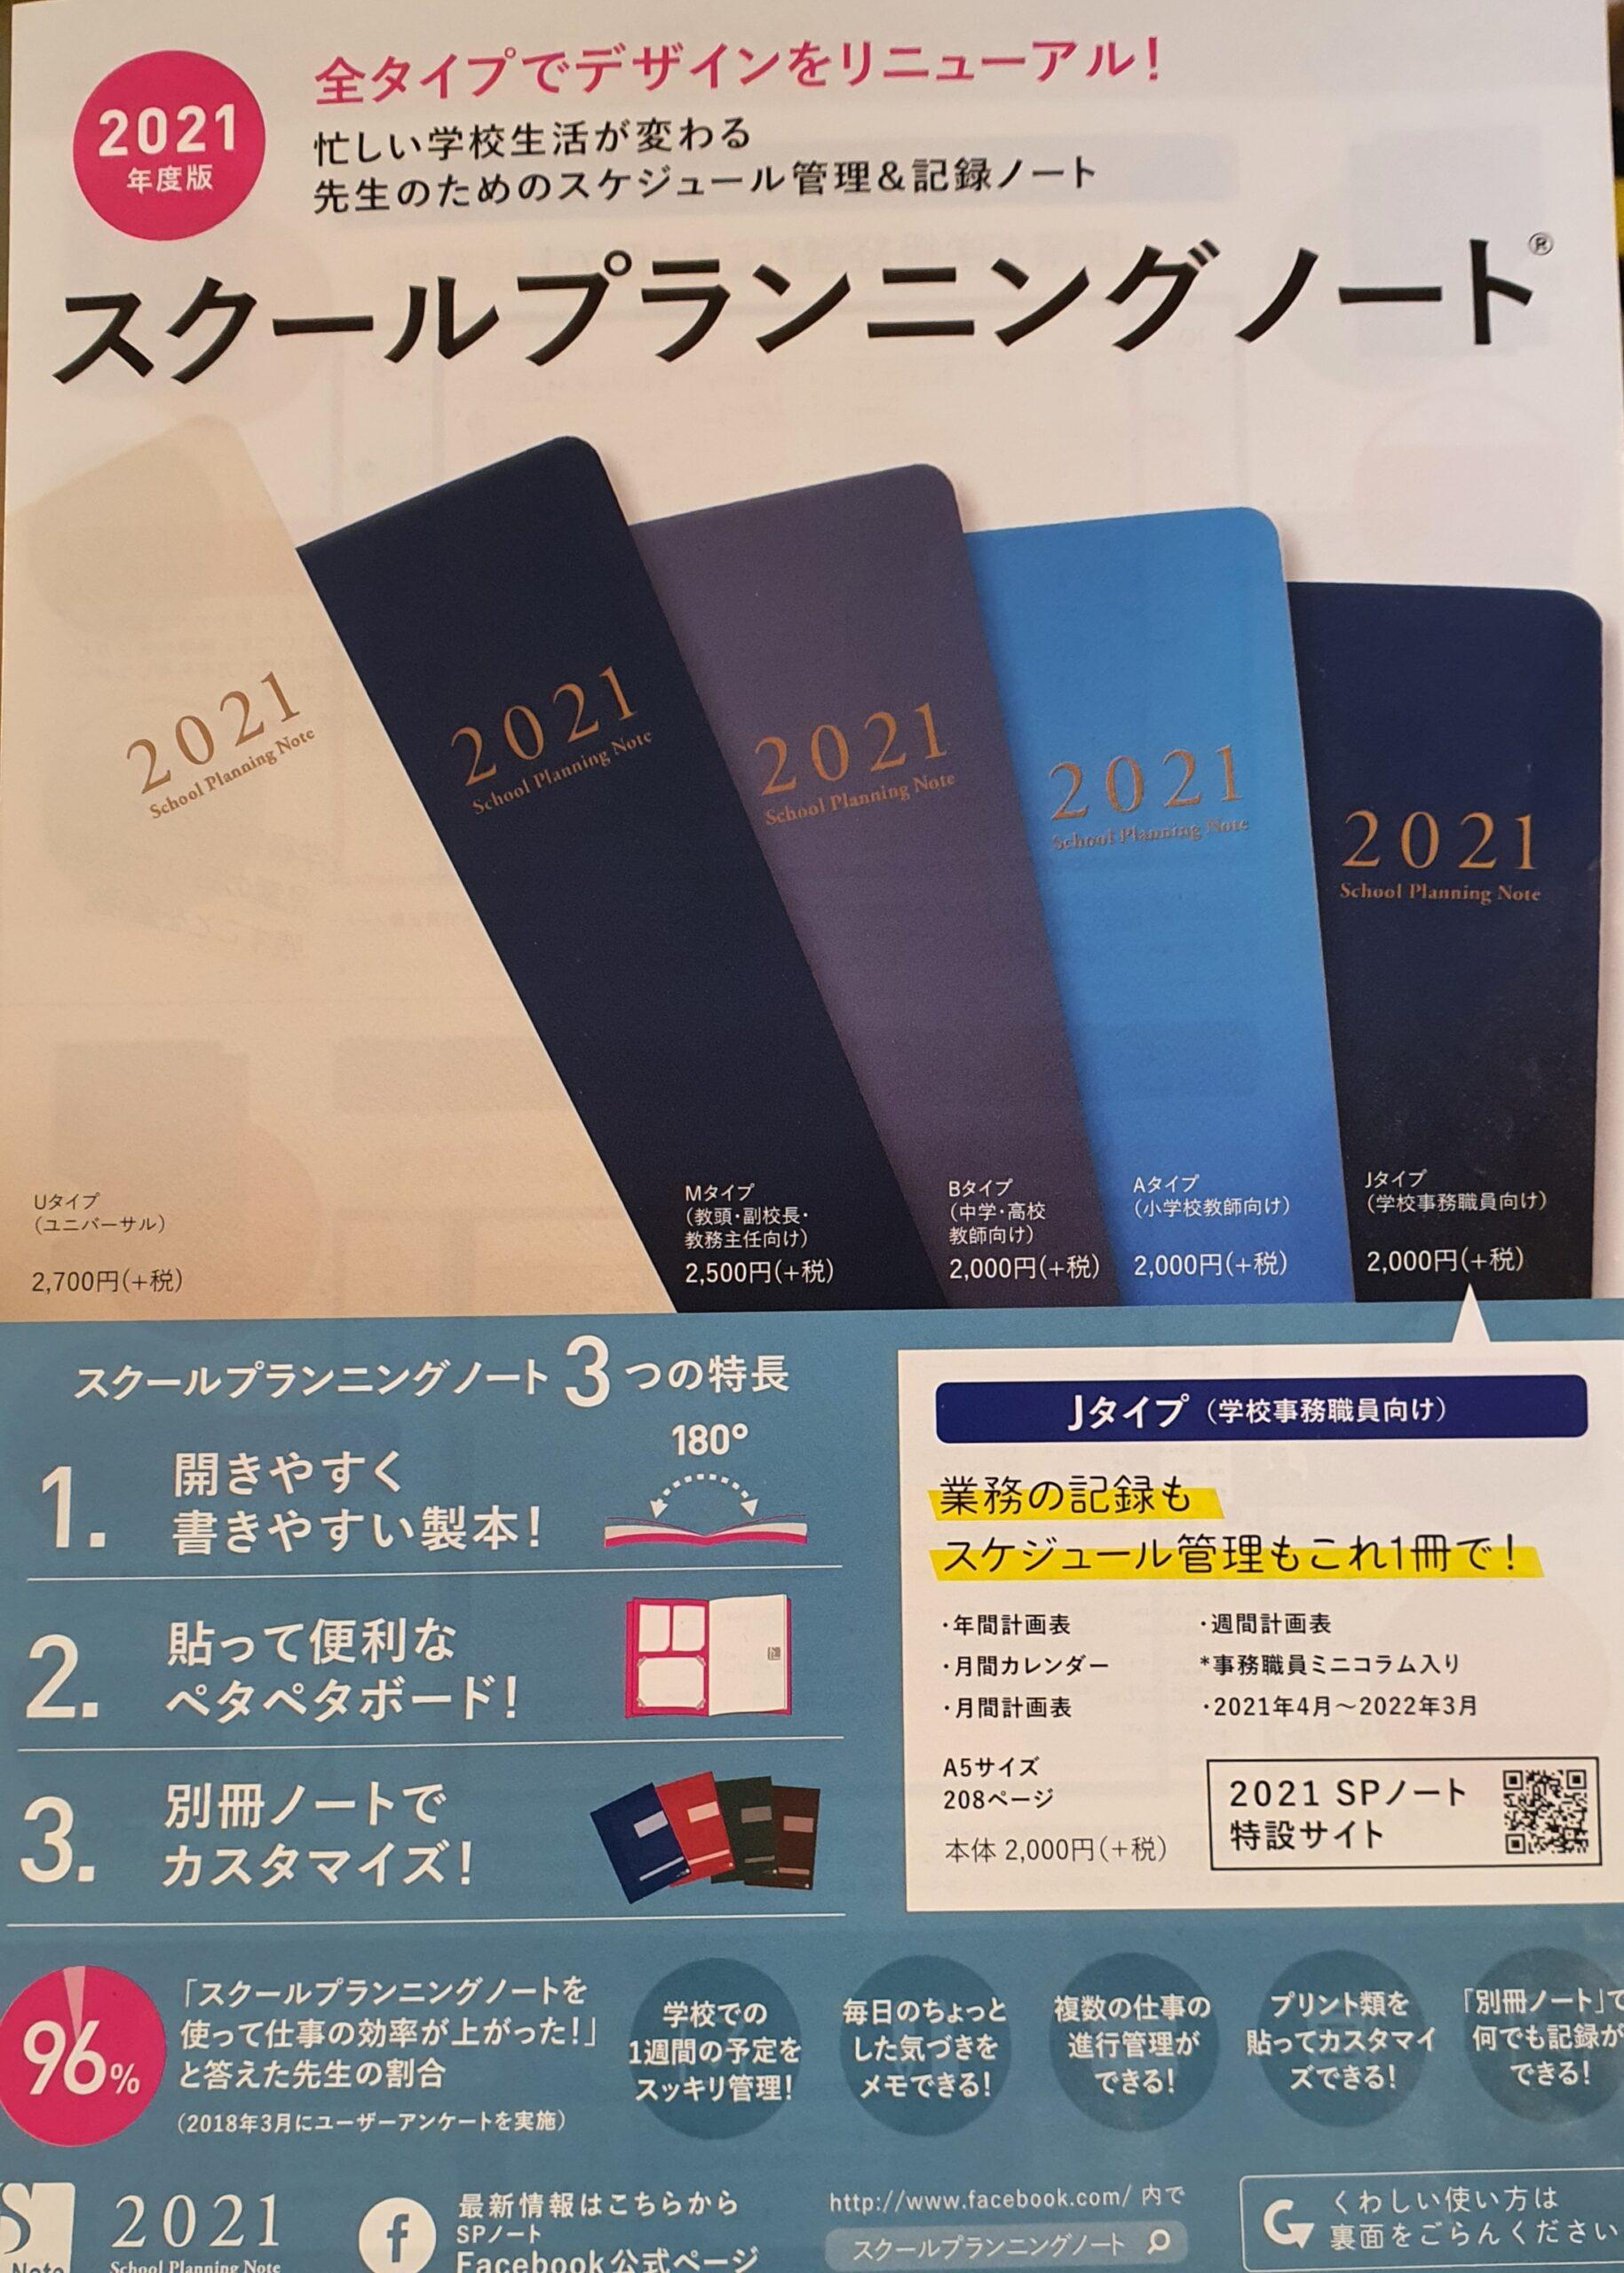 学校の先生のための手帳「スクールプランニングノート」